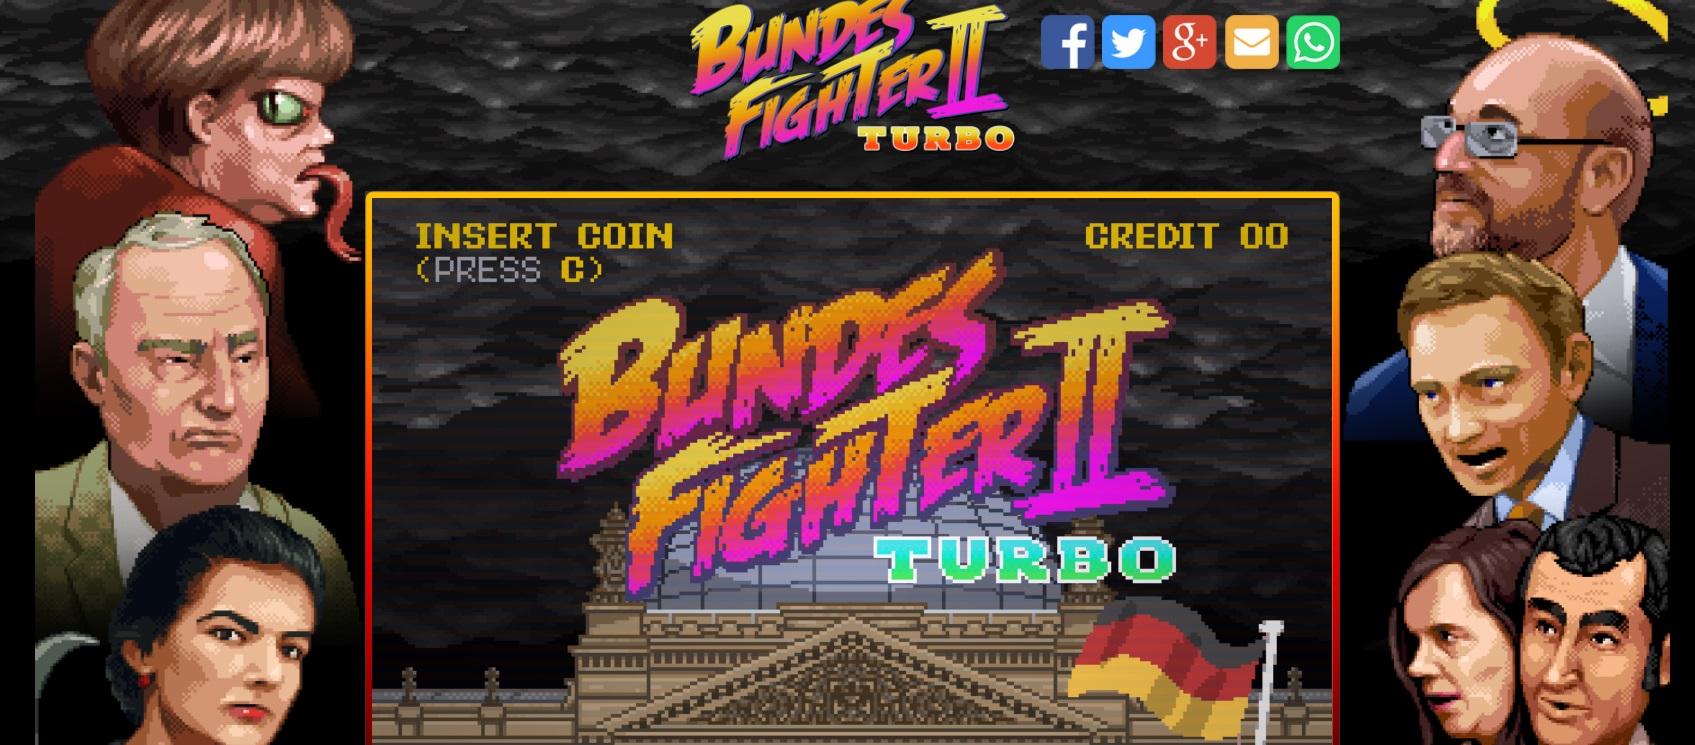 """""""Bundes Fighter II Turbo"""" - Street-Fighter-Klon zur Bundestagswahl mit den Kanzlerkandidaten - kostenlos spiel- und downloadbar [PC] [Mac]"""